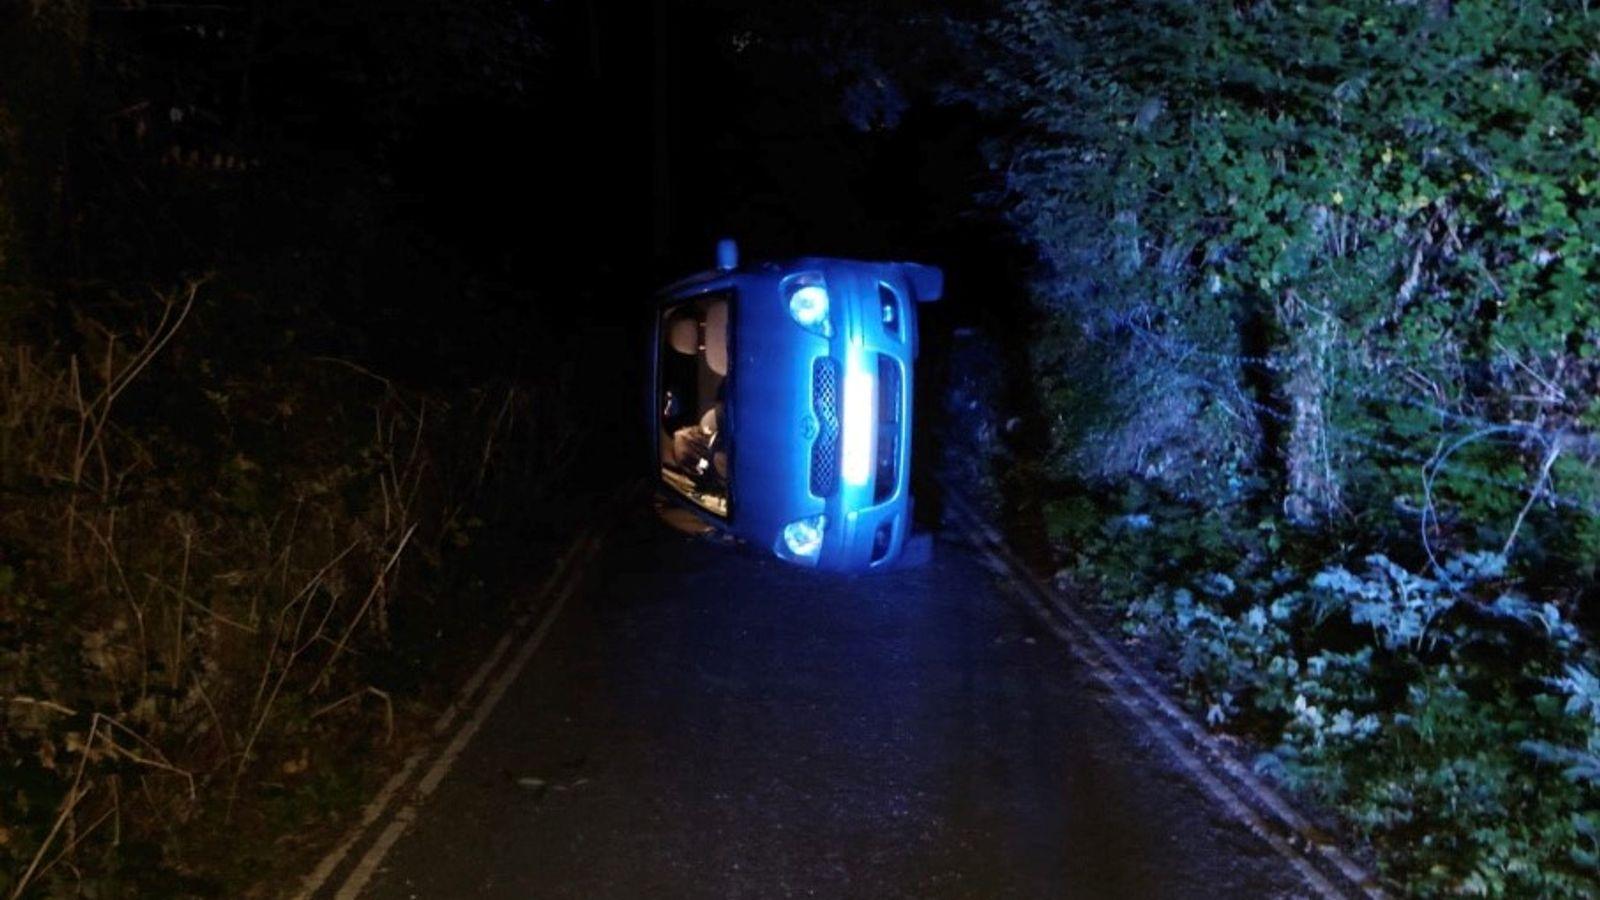 英國警方獲報一對情侶檔車震到翻車。(圖片來源/ 擷取自達比郡道路警察Twitter) Yaris車震實測失敗? 情侶檔裸上身連人帶車側翻在路上